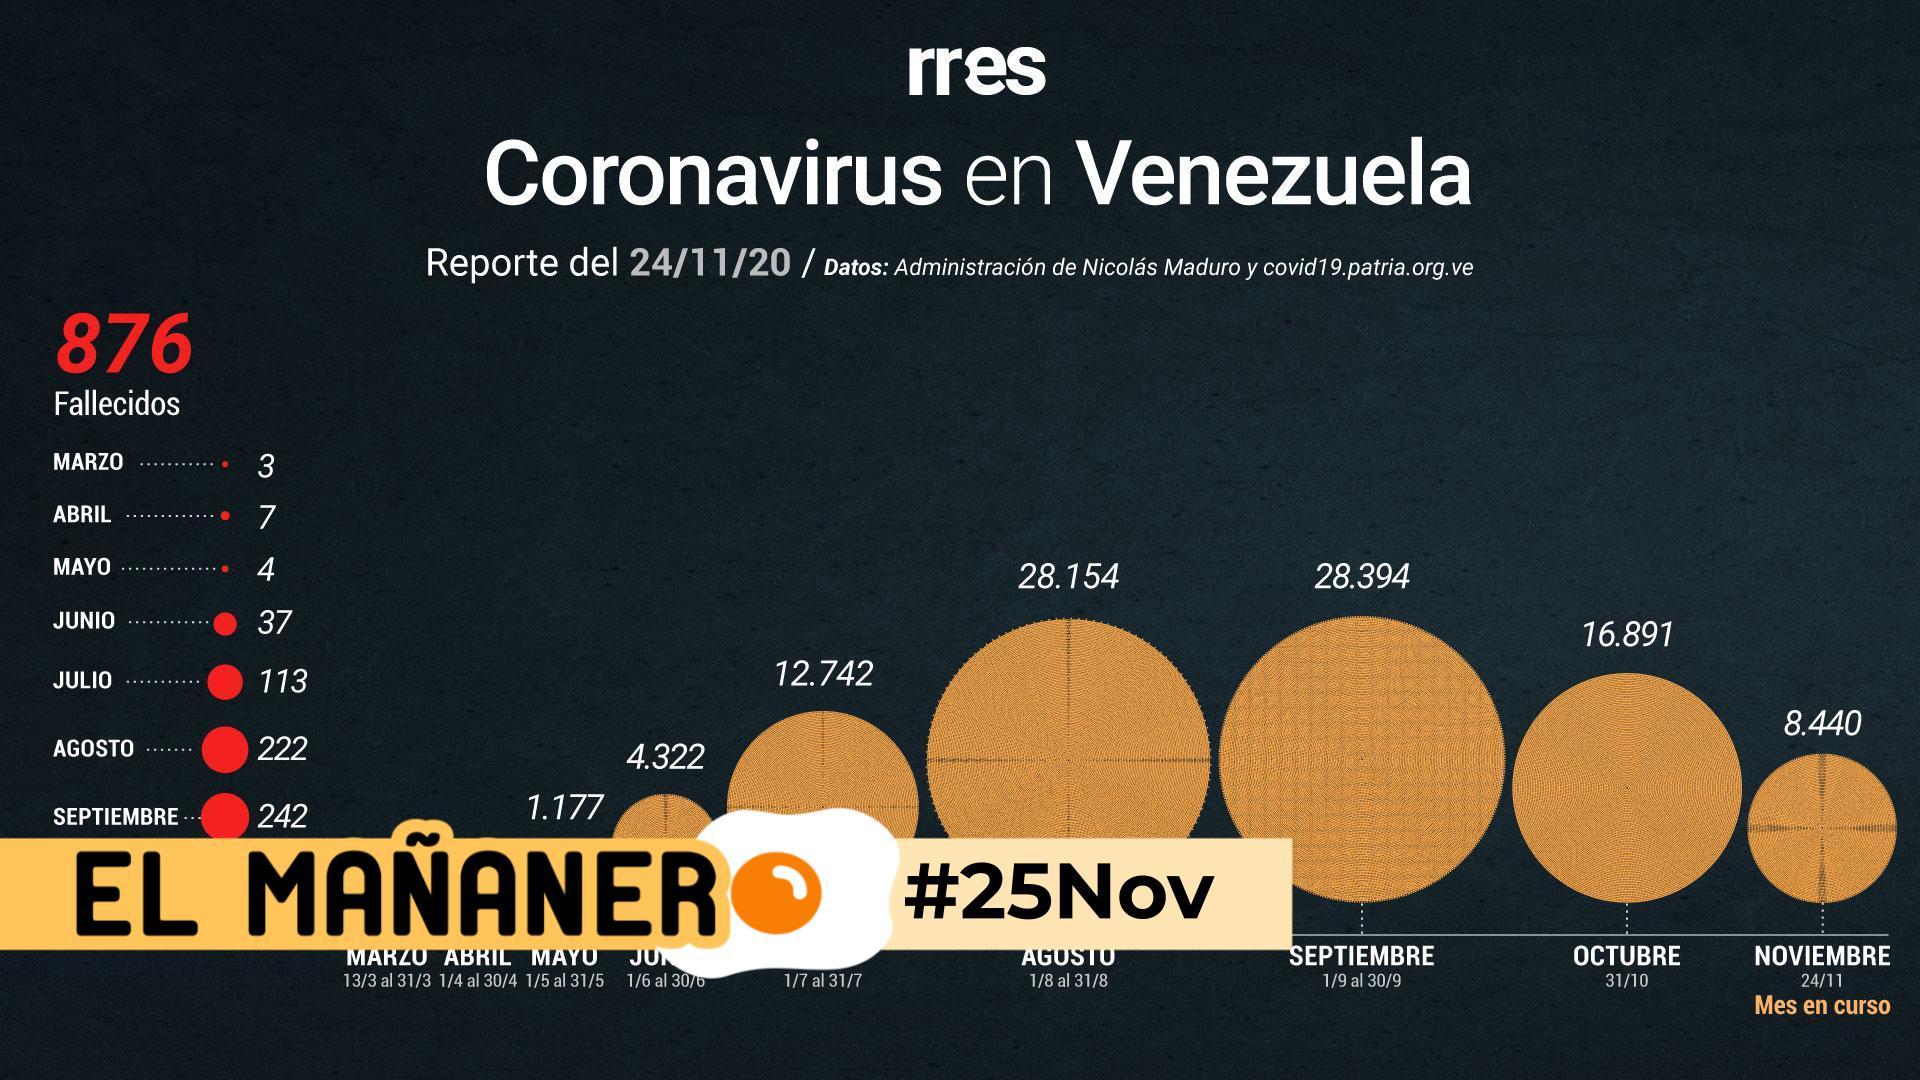 El Mañanero de hoy #25Nov: Las 8 noticias que debes saber